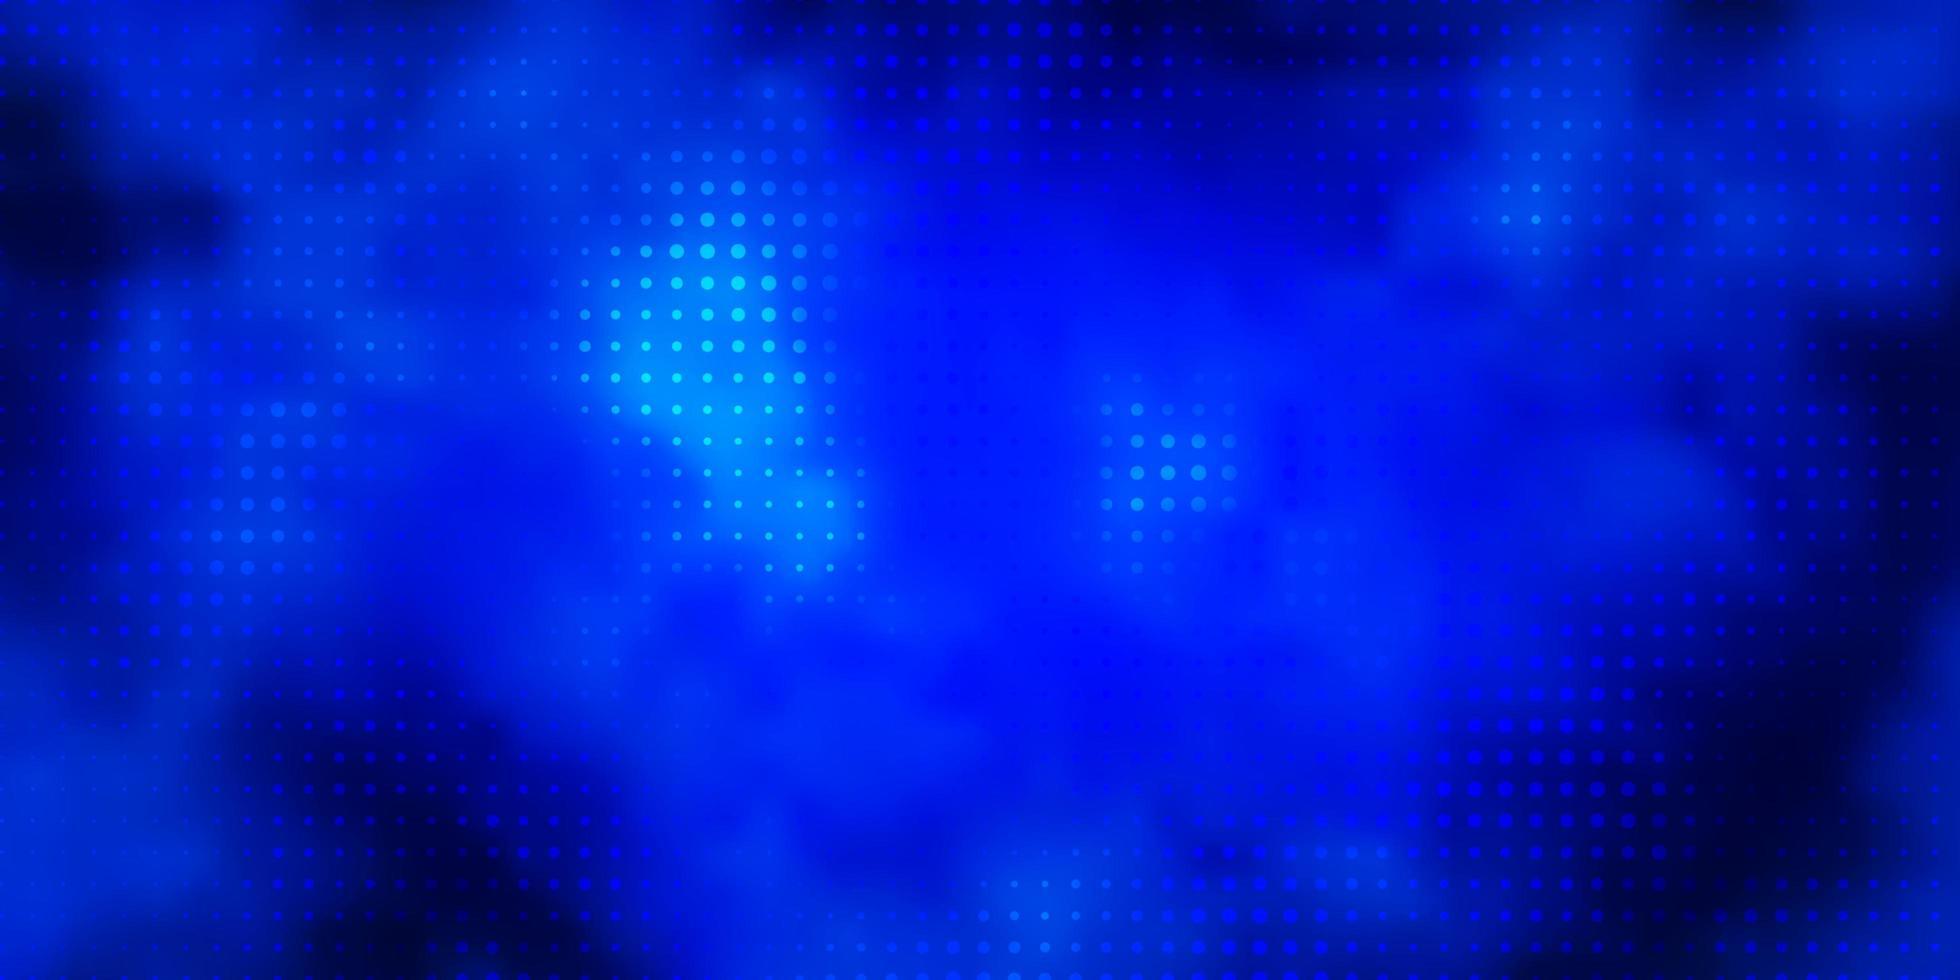 dunkelblaue Vektortextur mit Scheiben. vektor